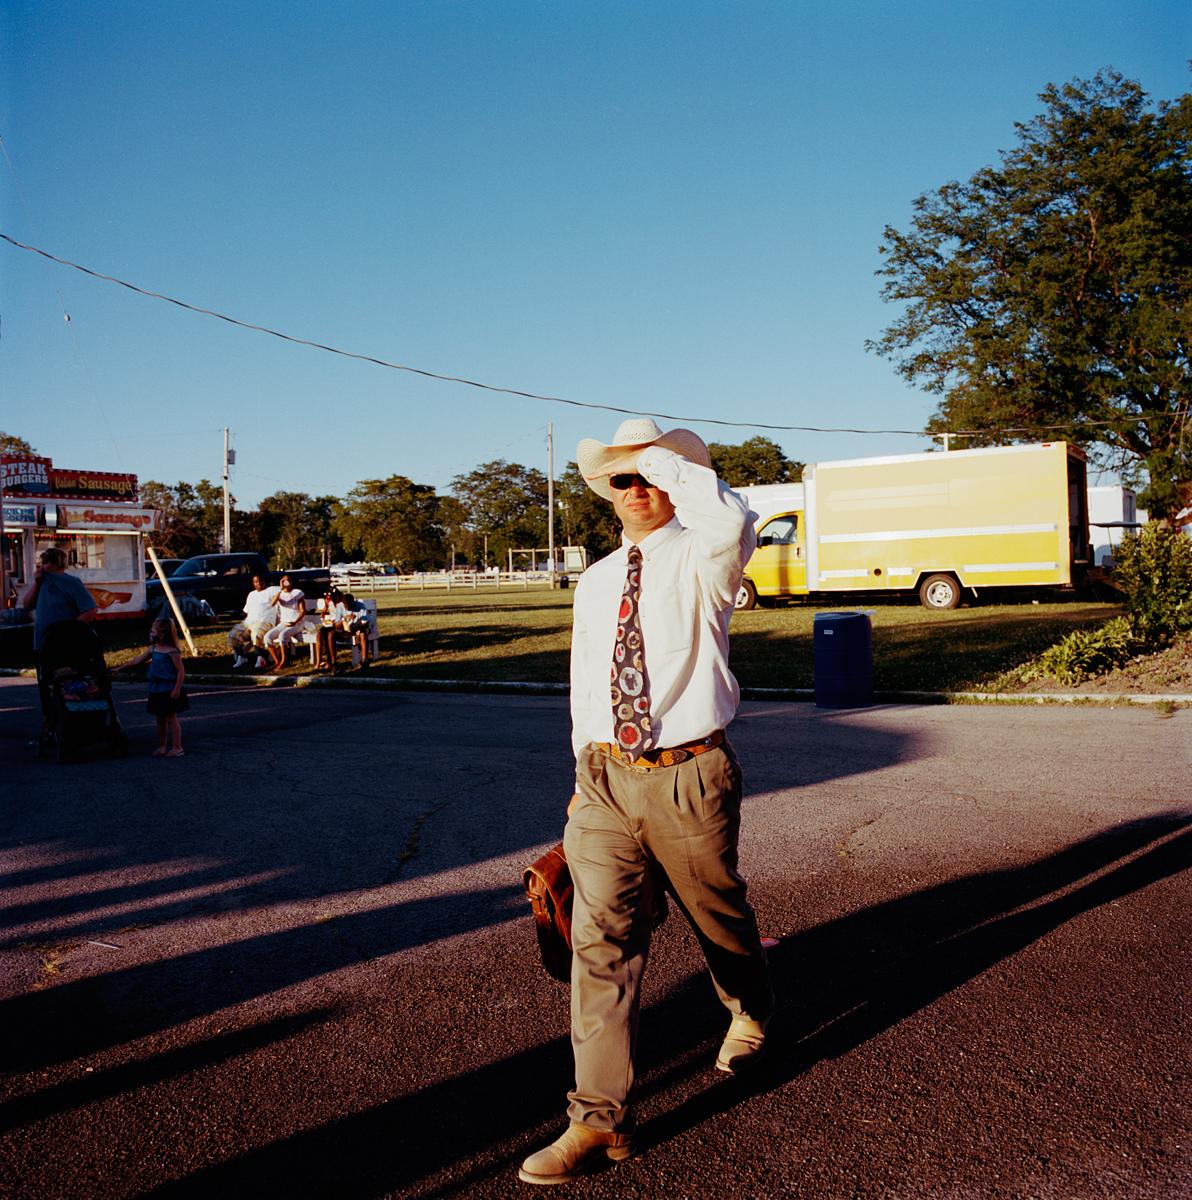 Lucas-County-Fair-Stephanie-Noritz-08.jpg